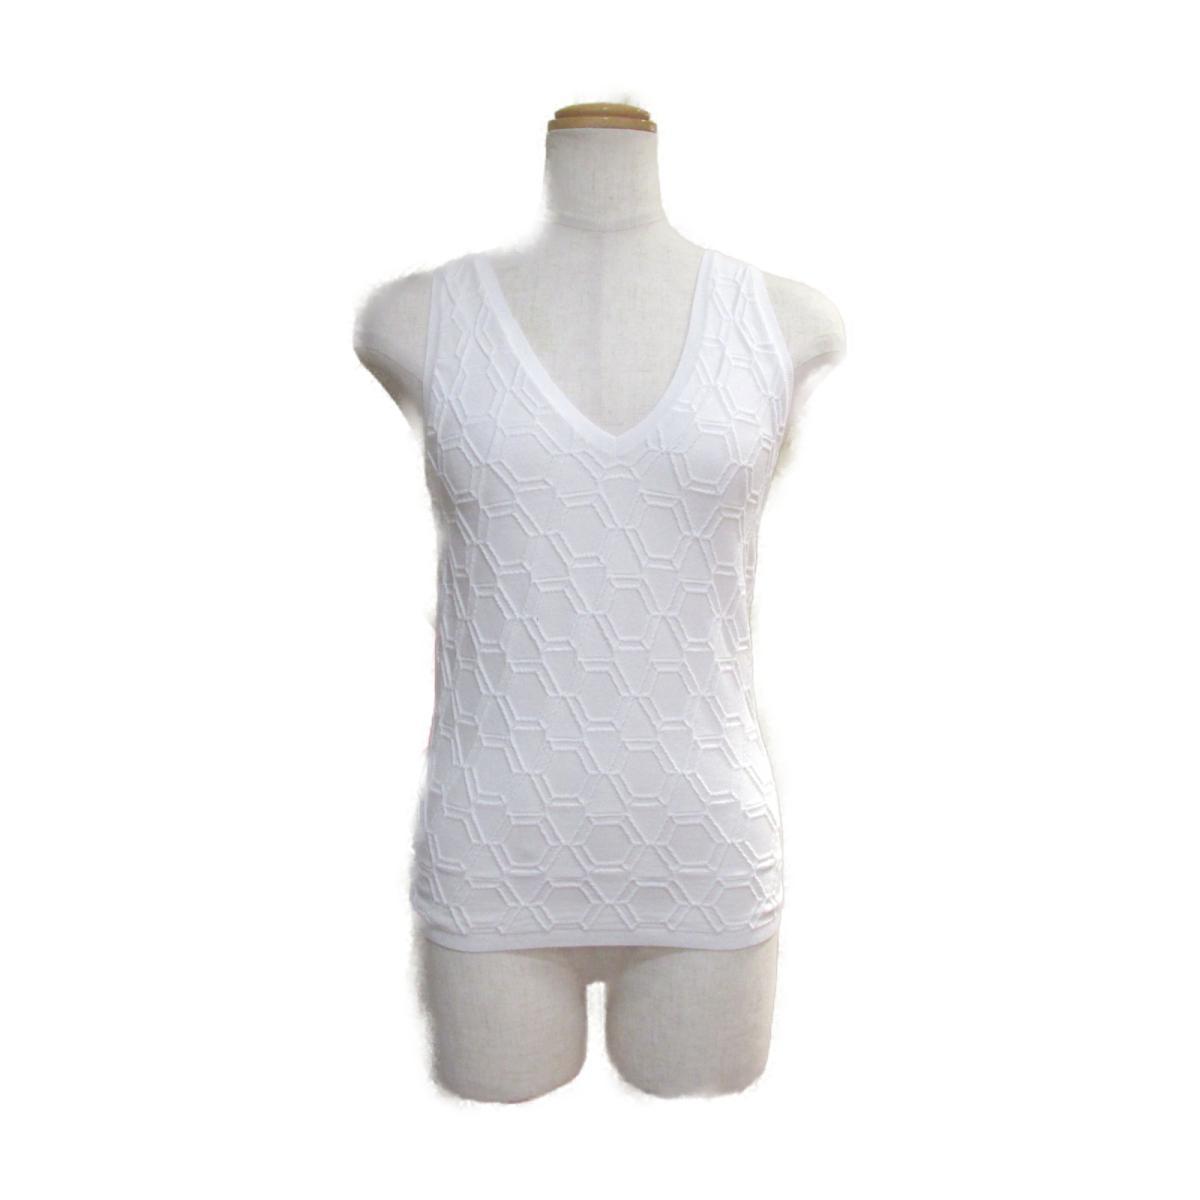 【中古】 シャネル ノースリーブ ニット レディース コットン (73%) ラバー (18%)ナイロン (7%) ホワイト (P53303K06922)   CHANEL BRANDOFF ブランドオフ 衣料品 衣類 ブランド